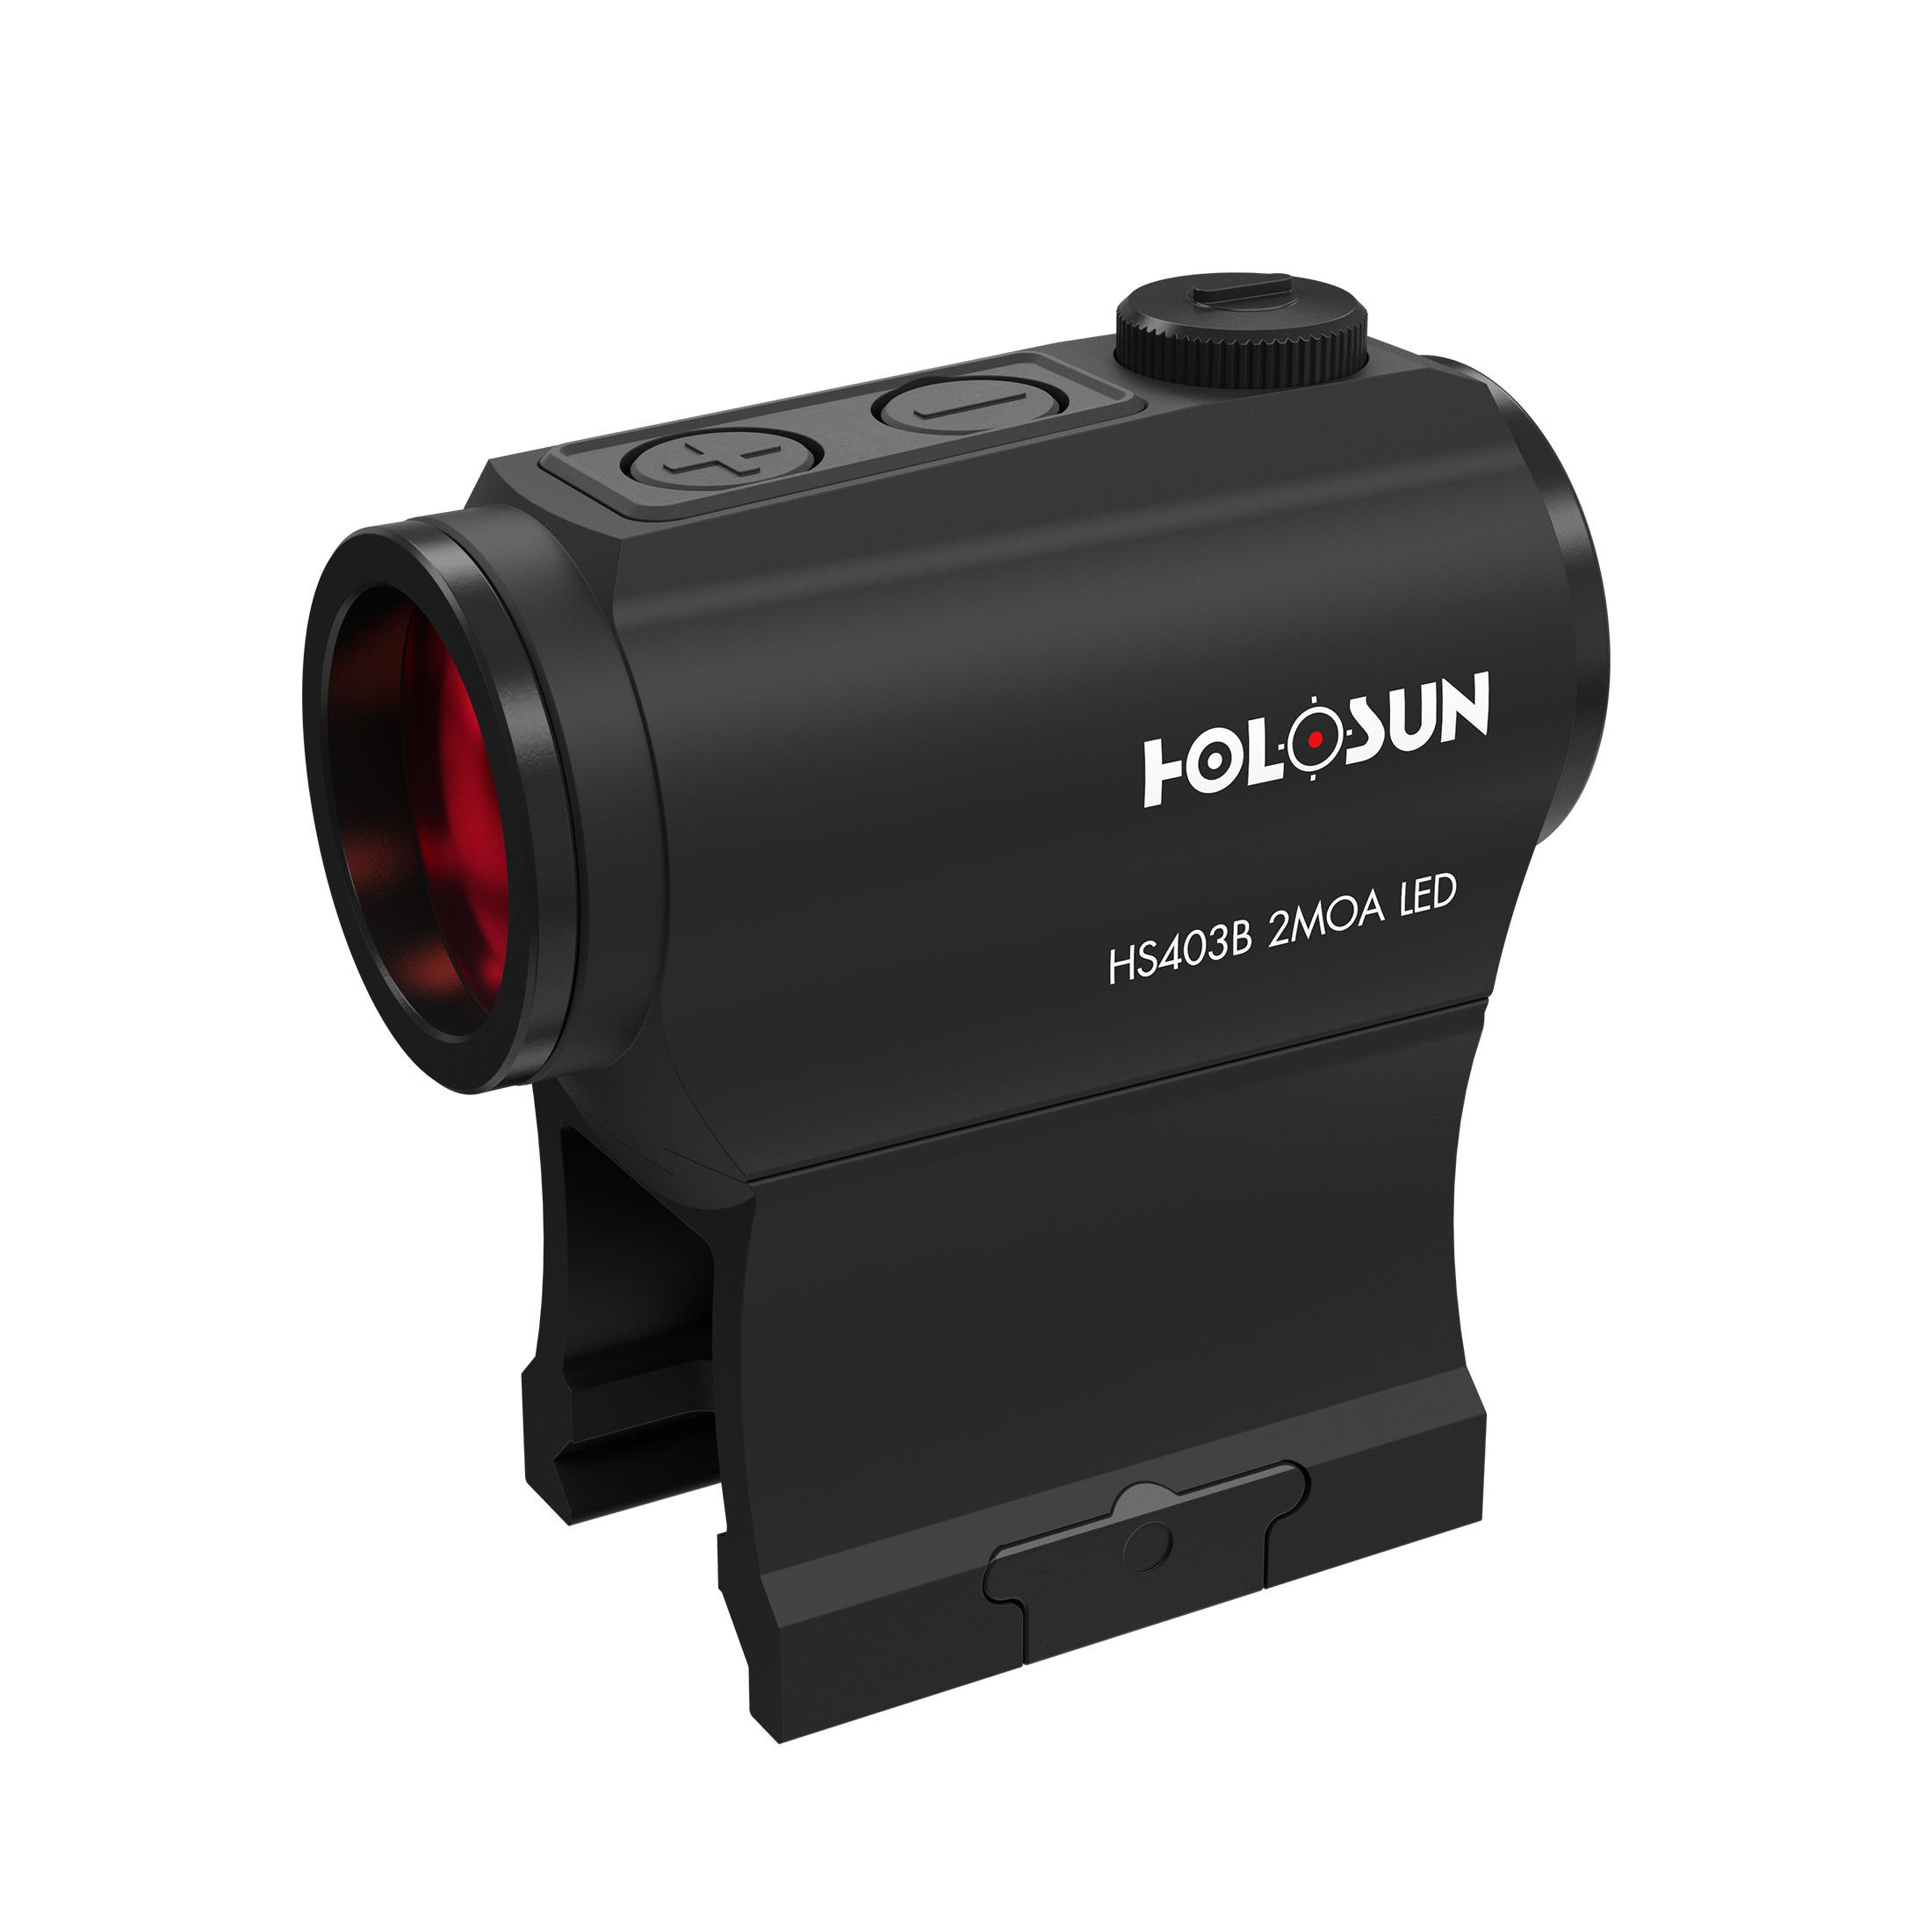 Holosun CLASSIC HS403B